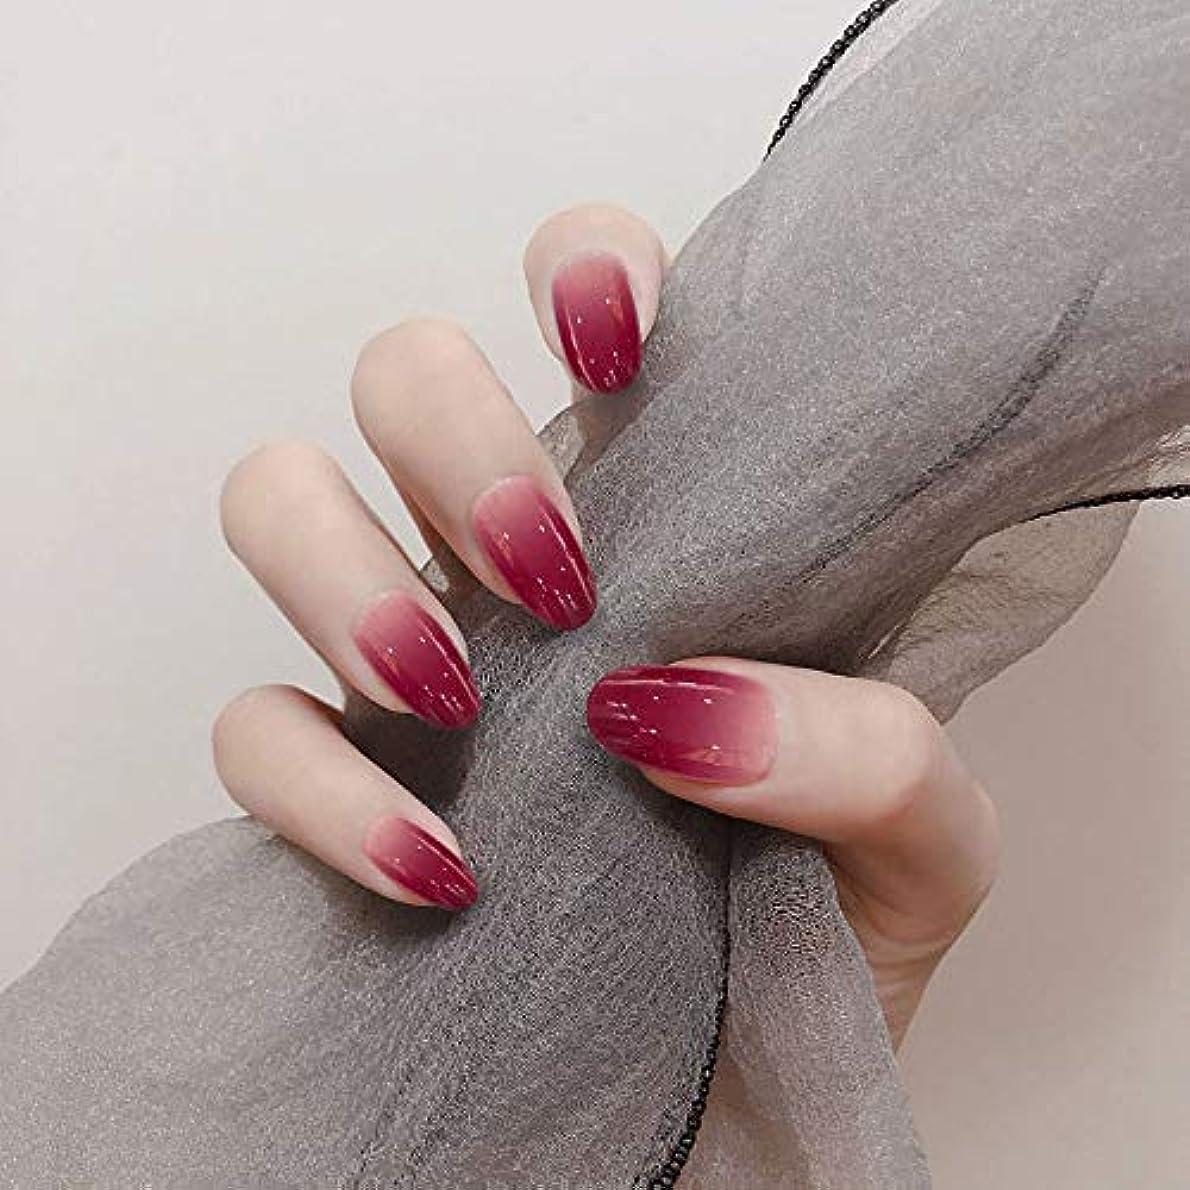 苦悩飛躍ますますXUTXZKA グラデーションレッドピンクカラーファッションネイルフルカバー人工ネイルアートのヒント女性ホリデーフェイクネイル